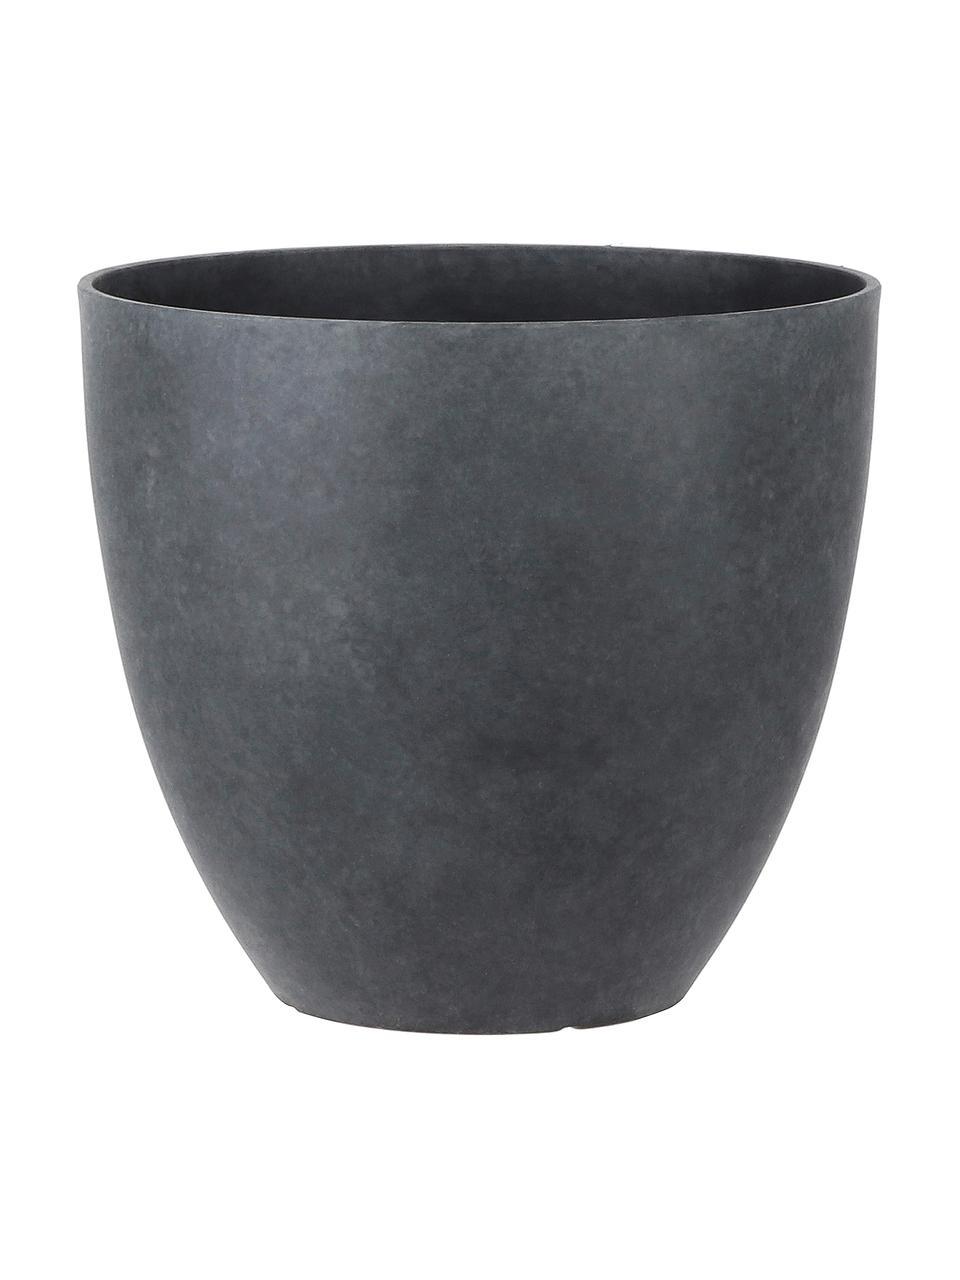 Portavaso grande Bravo, Materiale sintetico, Antracite, Ø 37 x Alt. 33 cm